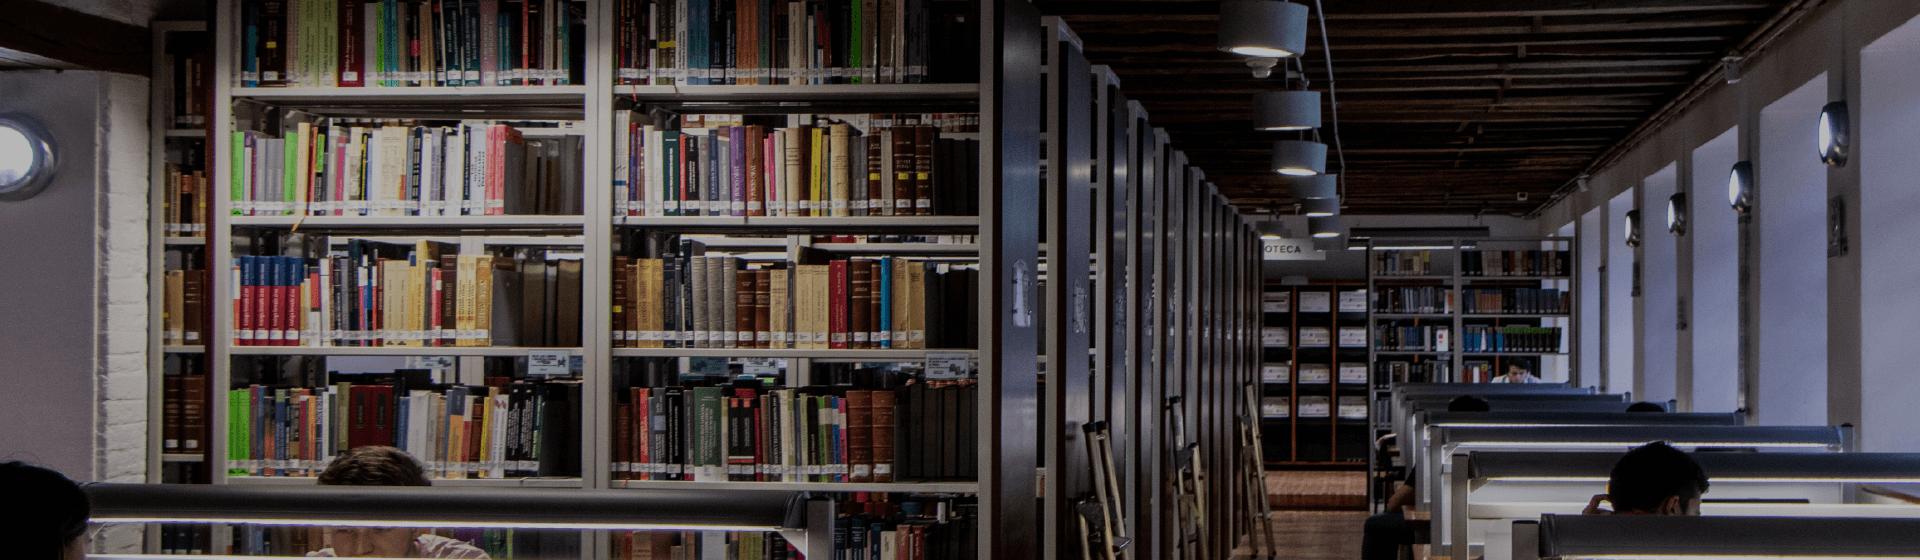 Biblioteca Satélite de Derecho Eduardo Álvarez-Correa. Interior de la biblioteca, estantes con libros, algunos estudiantes en la biblioteca.